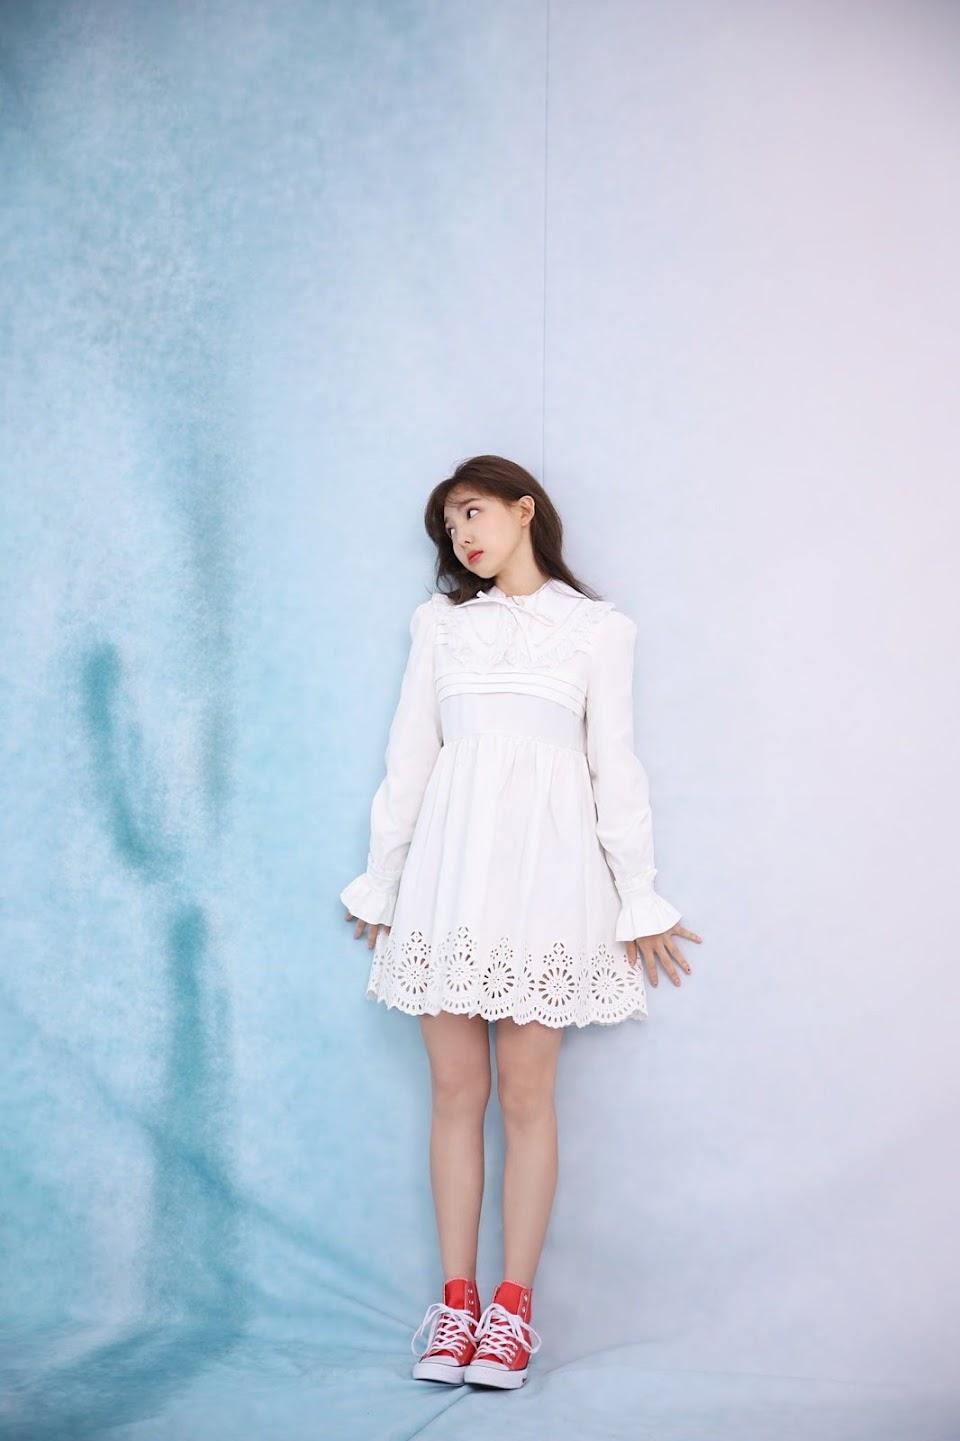 nayeonrainbow_white3